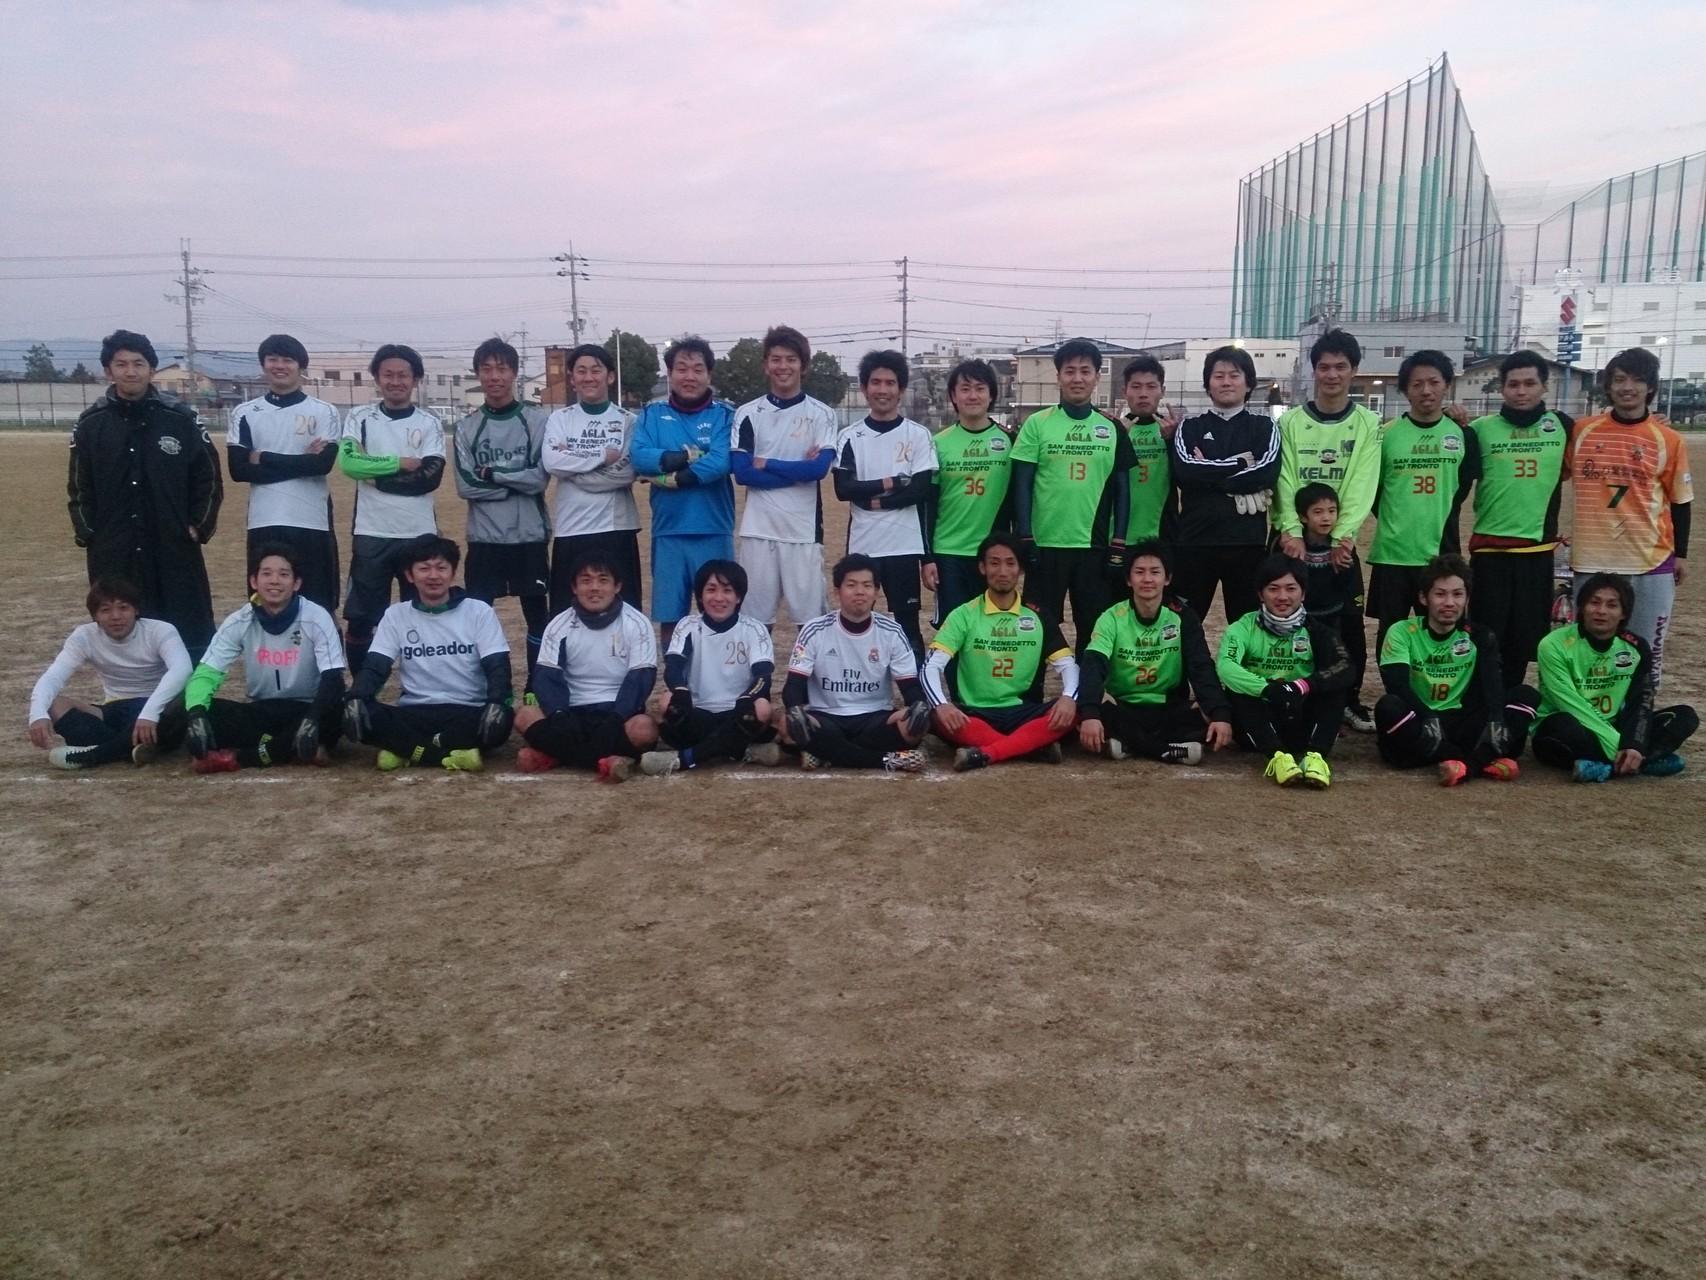 2014/12/23 大泉緑地スポーツ広場A vs ピロティー